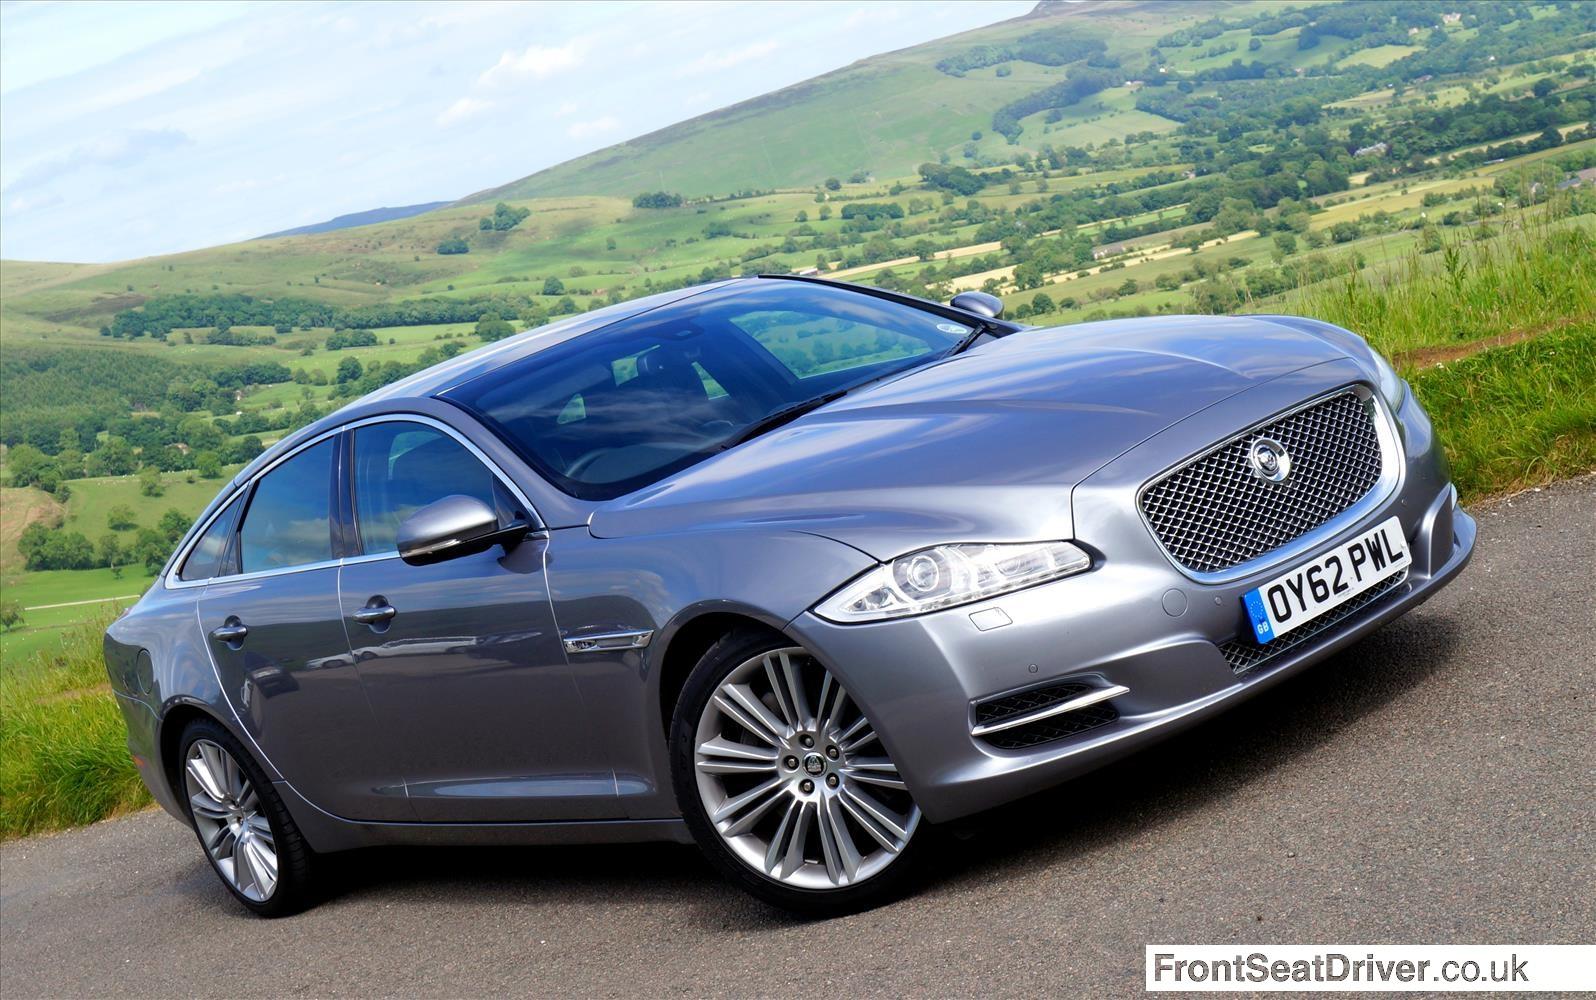 Jaguar XJ 2013 Front